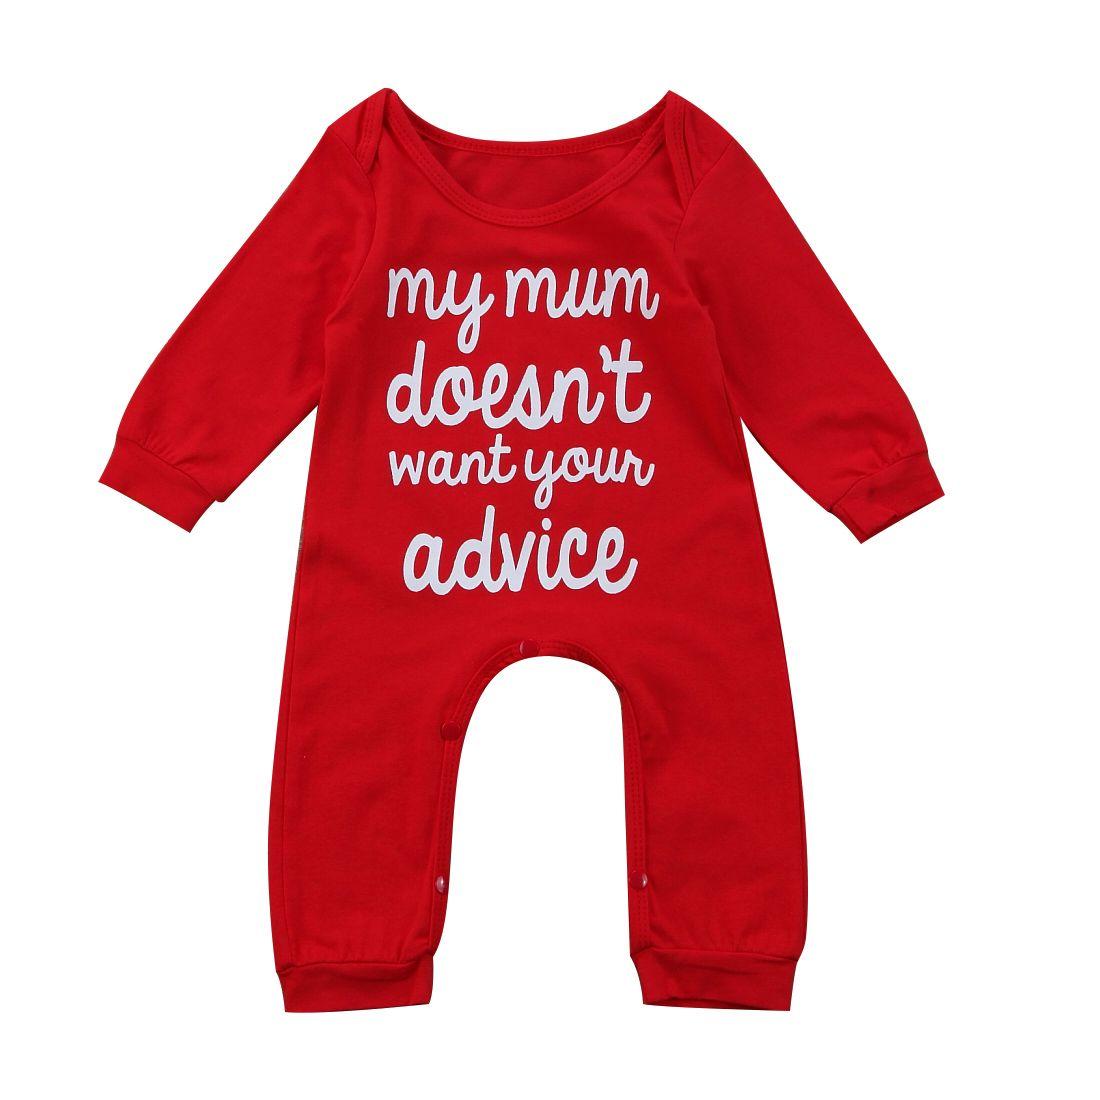 Горячая Топ для маленьких мальчиков Обувь для девочек Одежда для новорожденных комбинезон с длинными рукавами комбинезон, костюм одежда из...